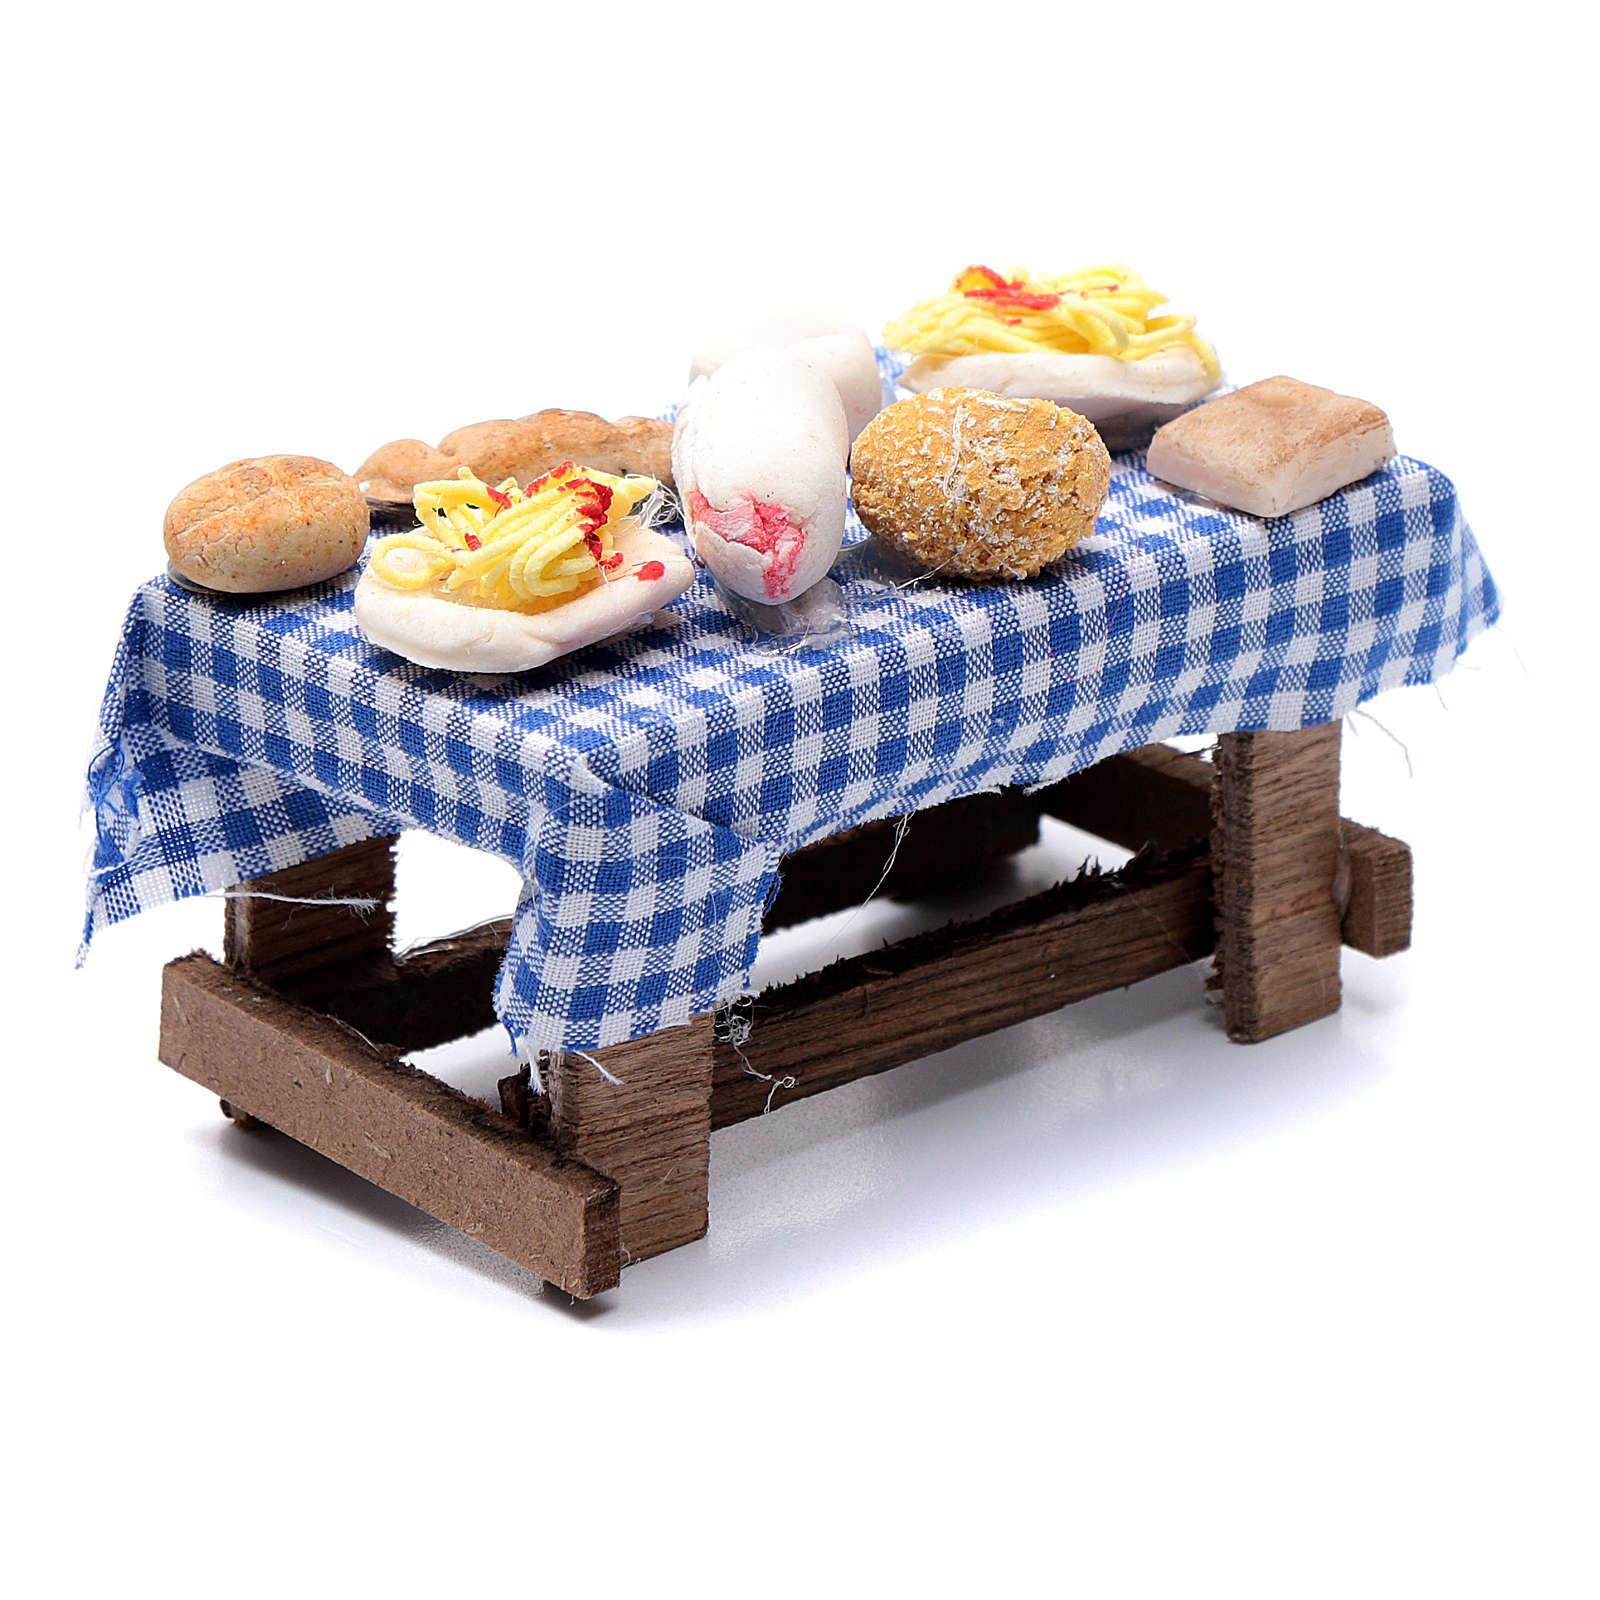 Tavolo con forme di cibo presepe napoletano 5x10x5 cm 4